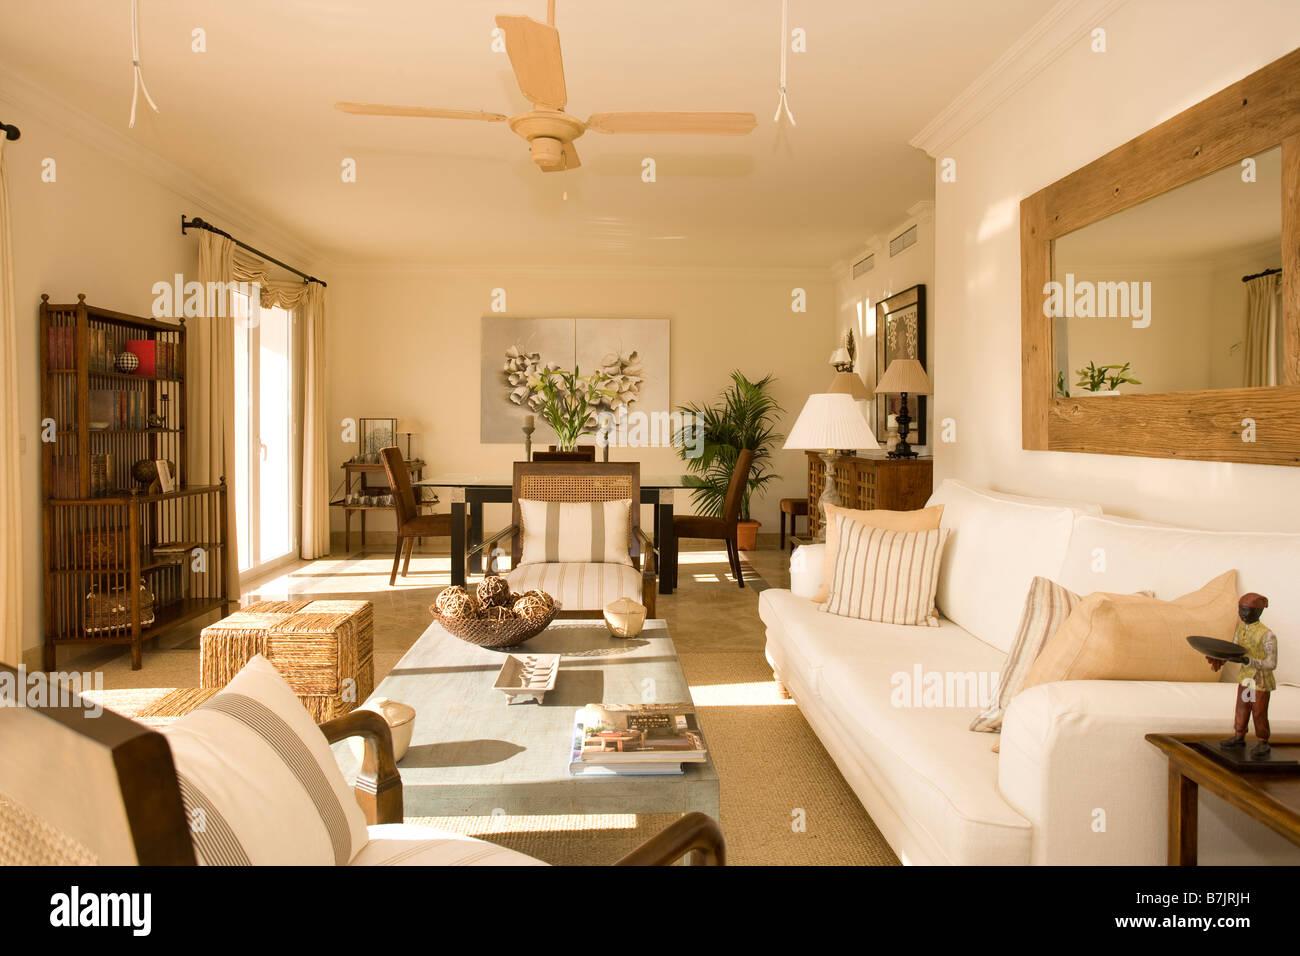 grand miroir en bois au dessus du canap cr me dans. Black Bedroom Furniture Sets. Home Design Ideas